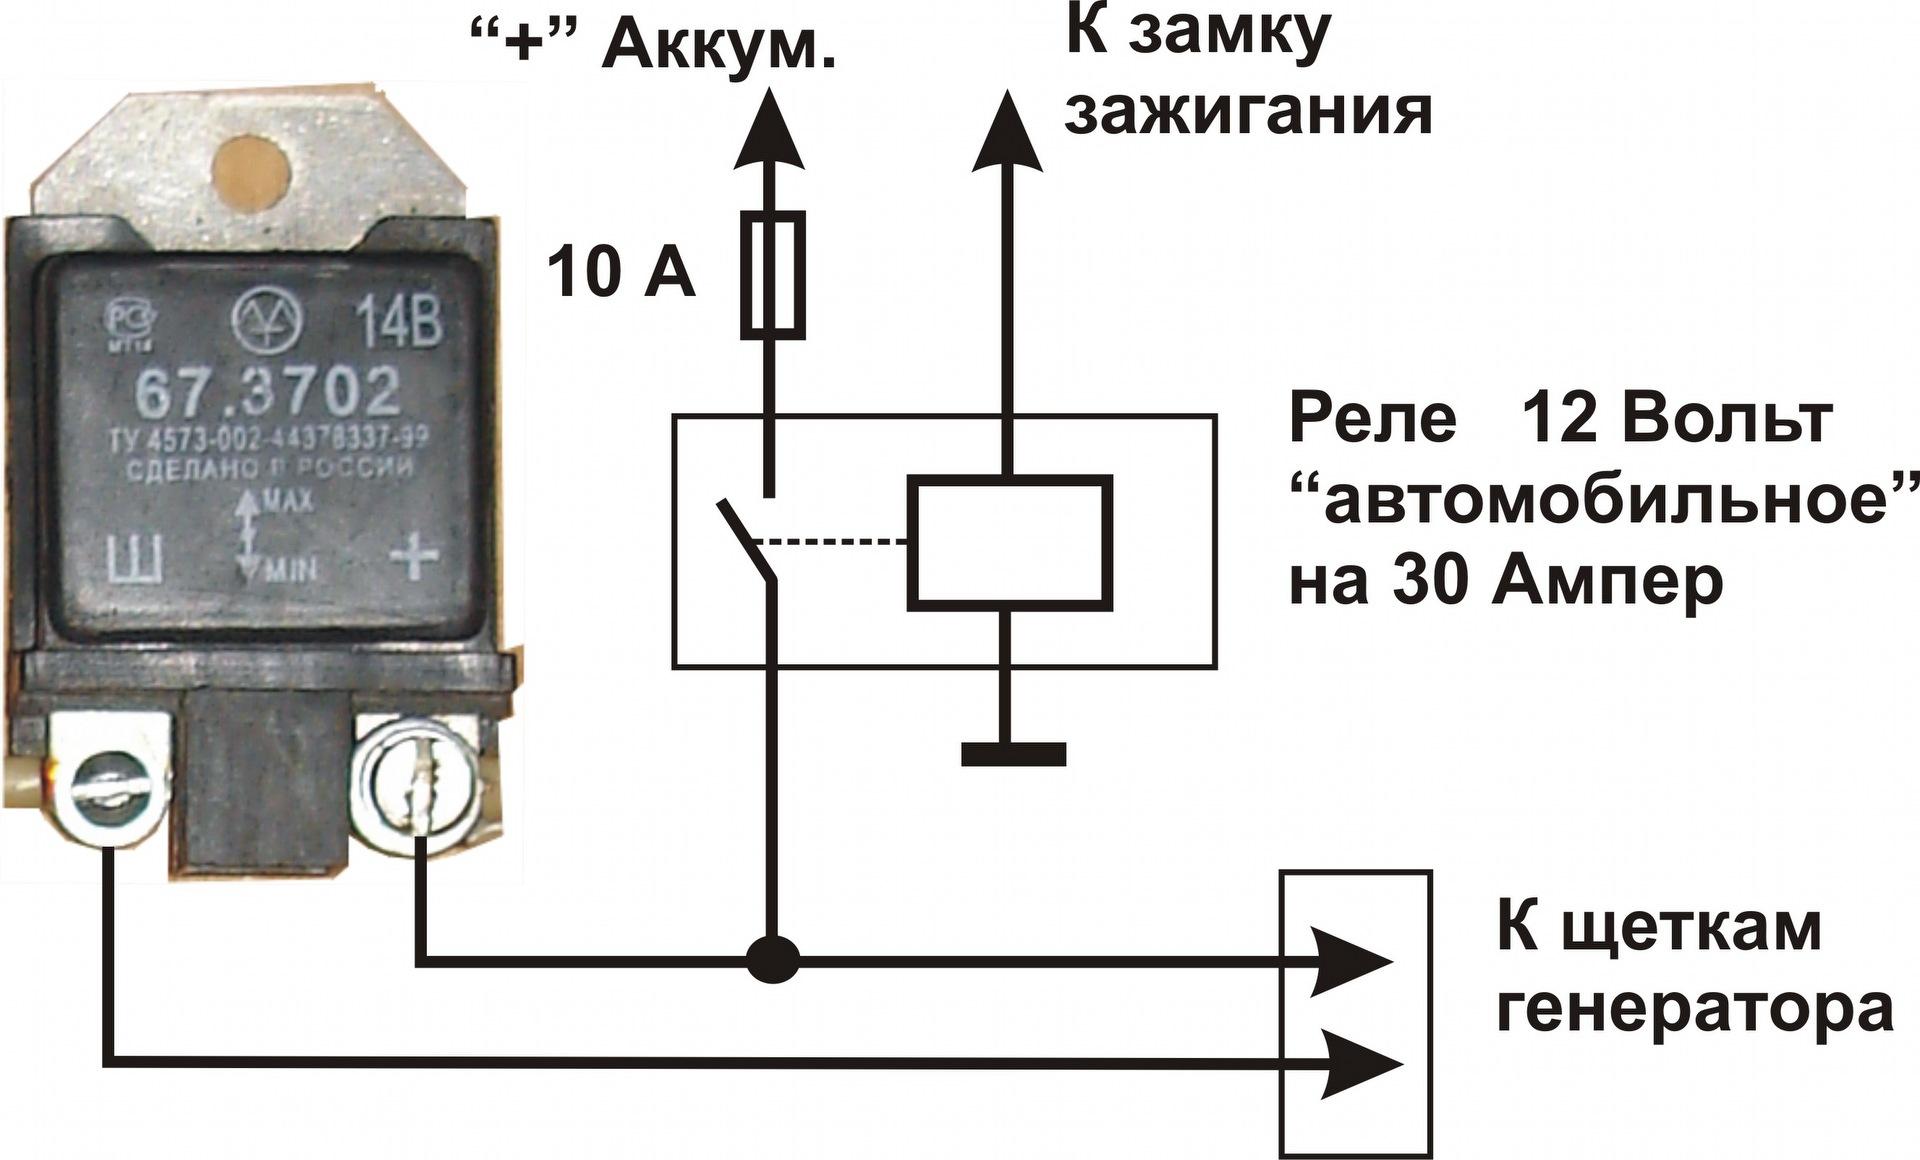 Регулятор напряжения для автомобильного генератора своими руками